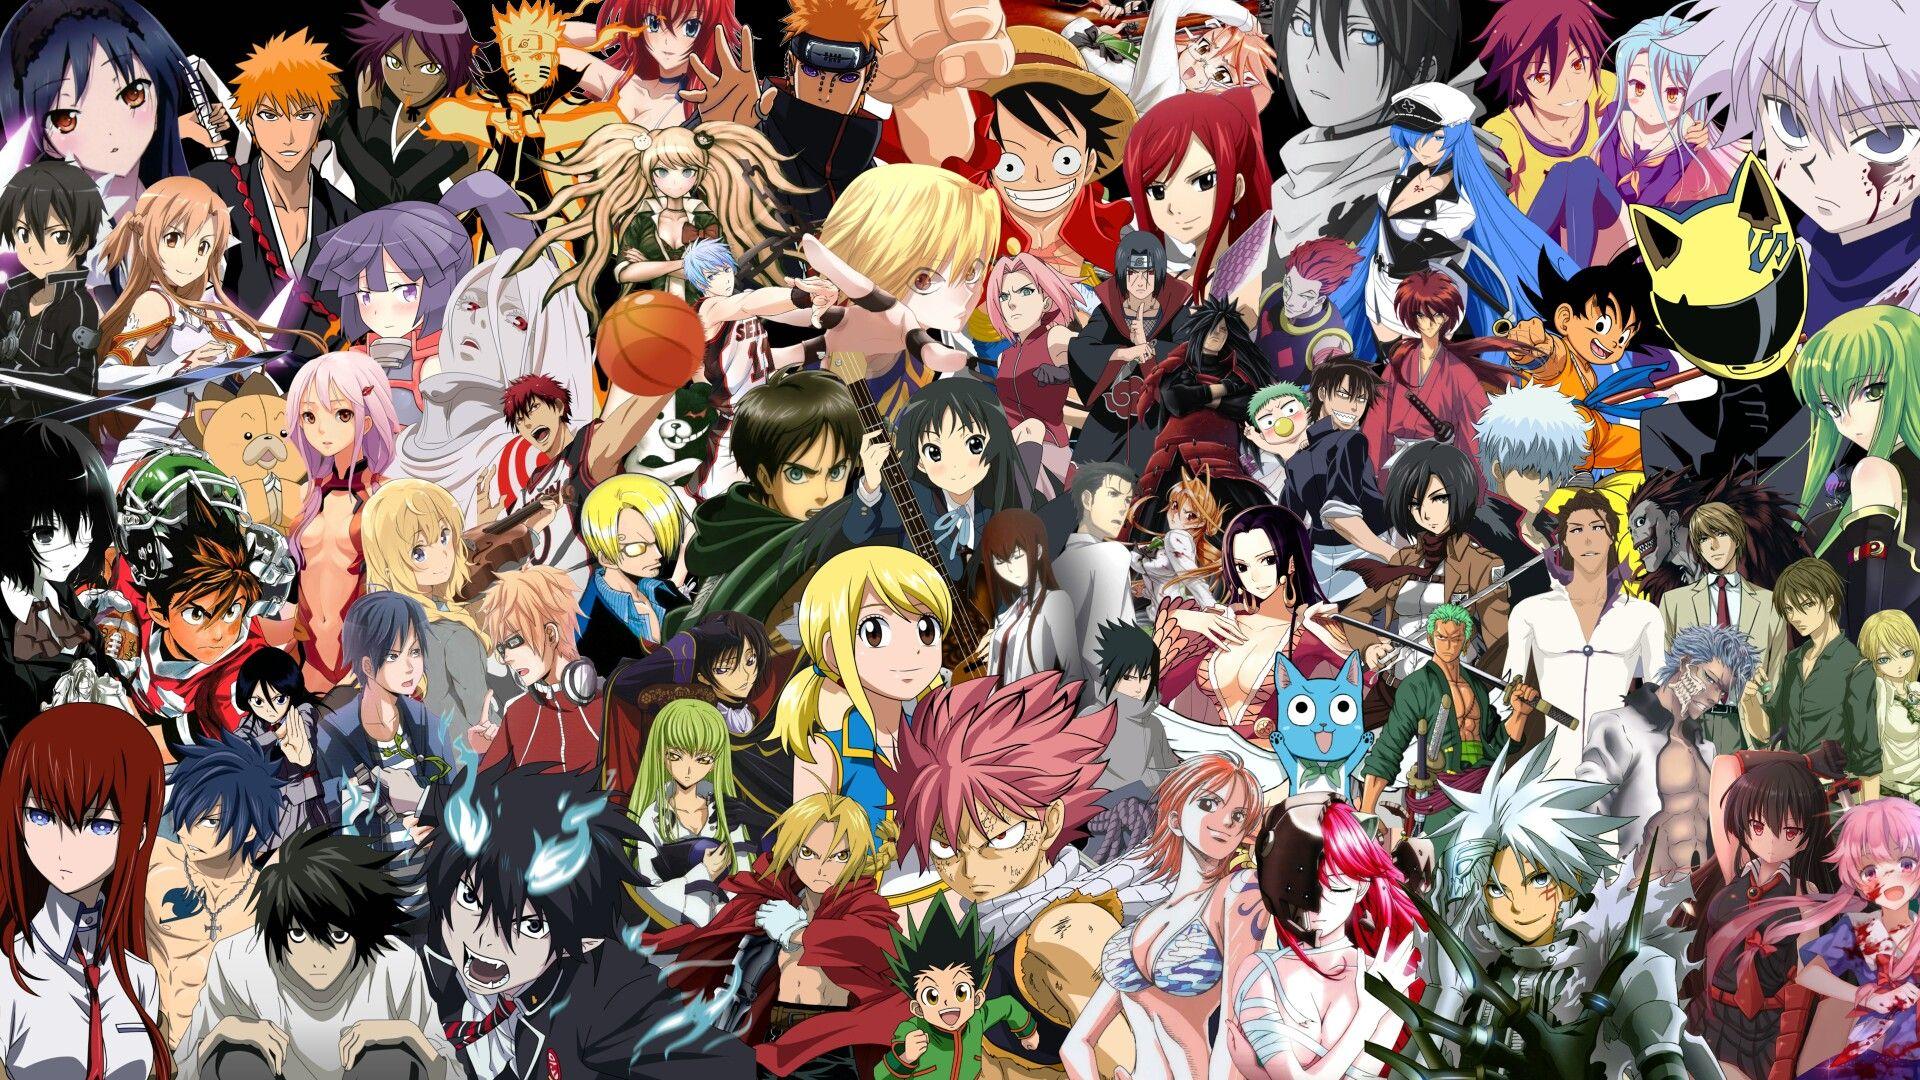 Pin Oleh Sanjie Onepiece Di Anime Wallpaper Wallpaper 8k Wallpaper Anime Wallpaper Naruto Anime crossover wallpaper 1920x1080